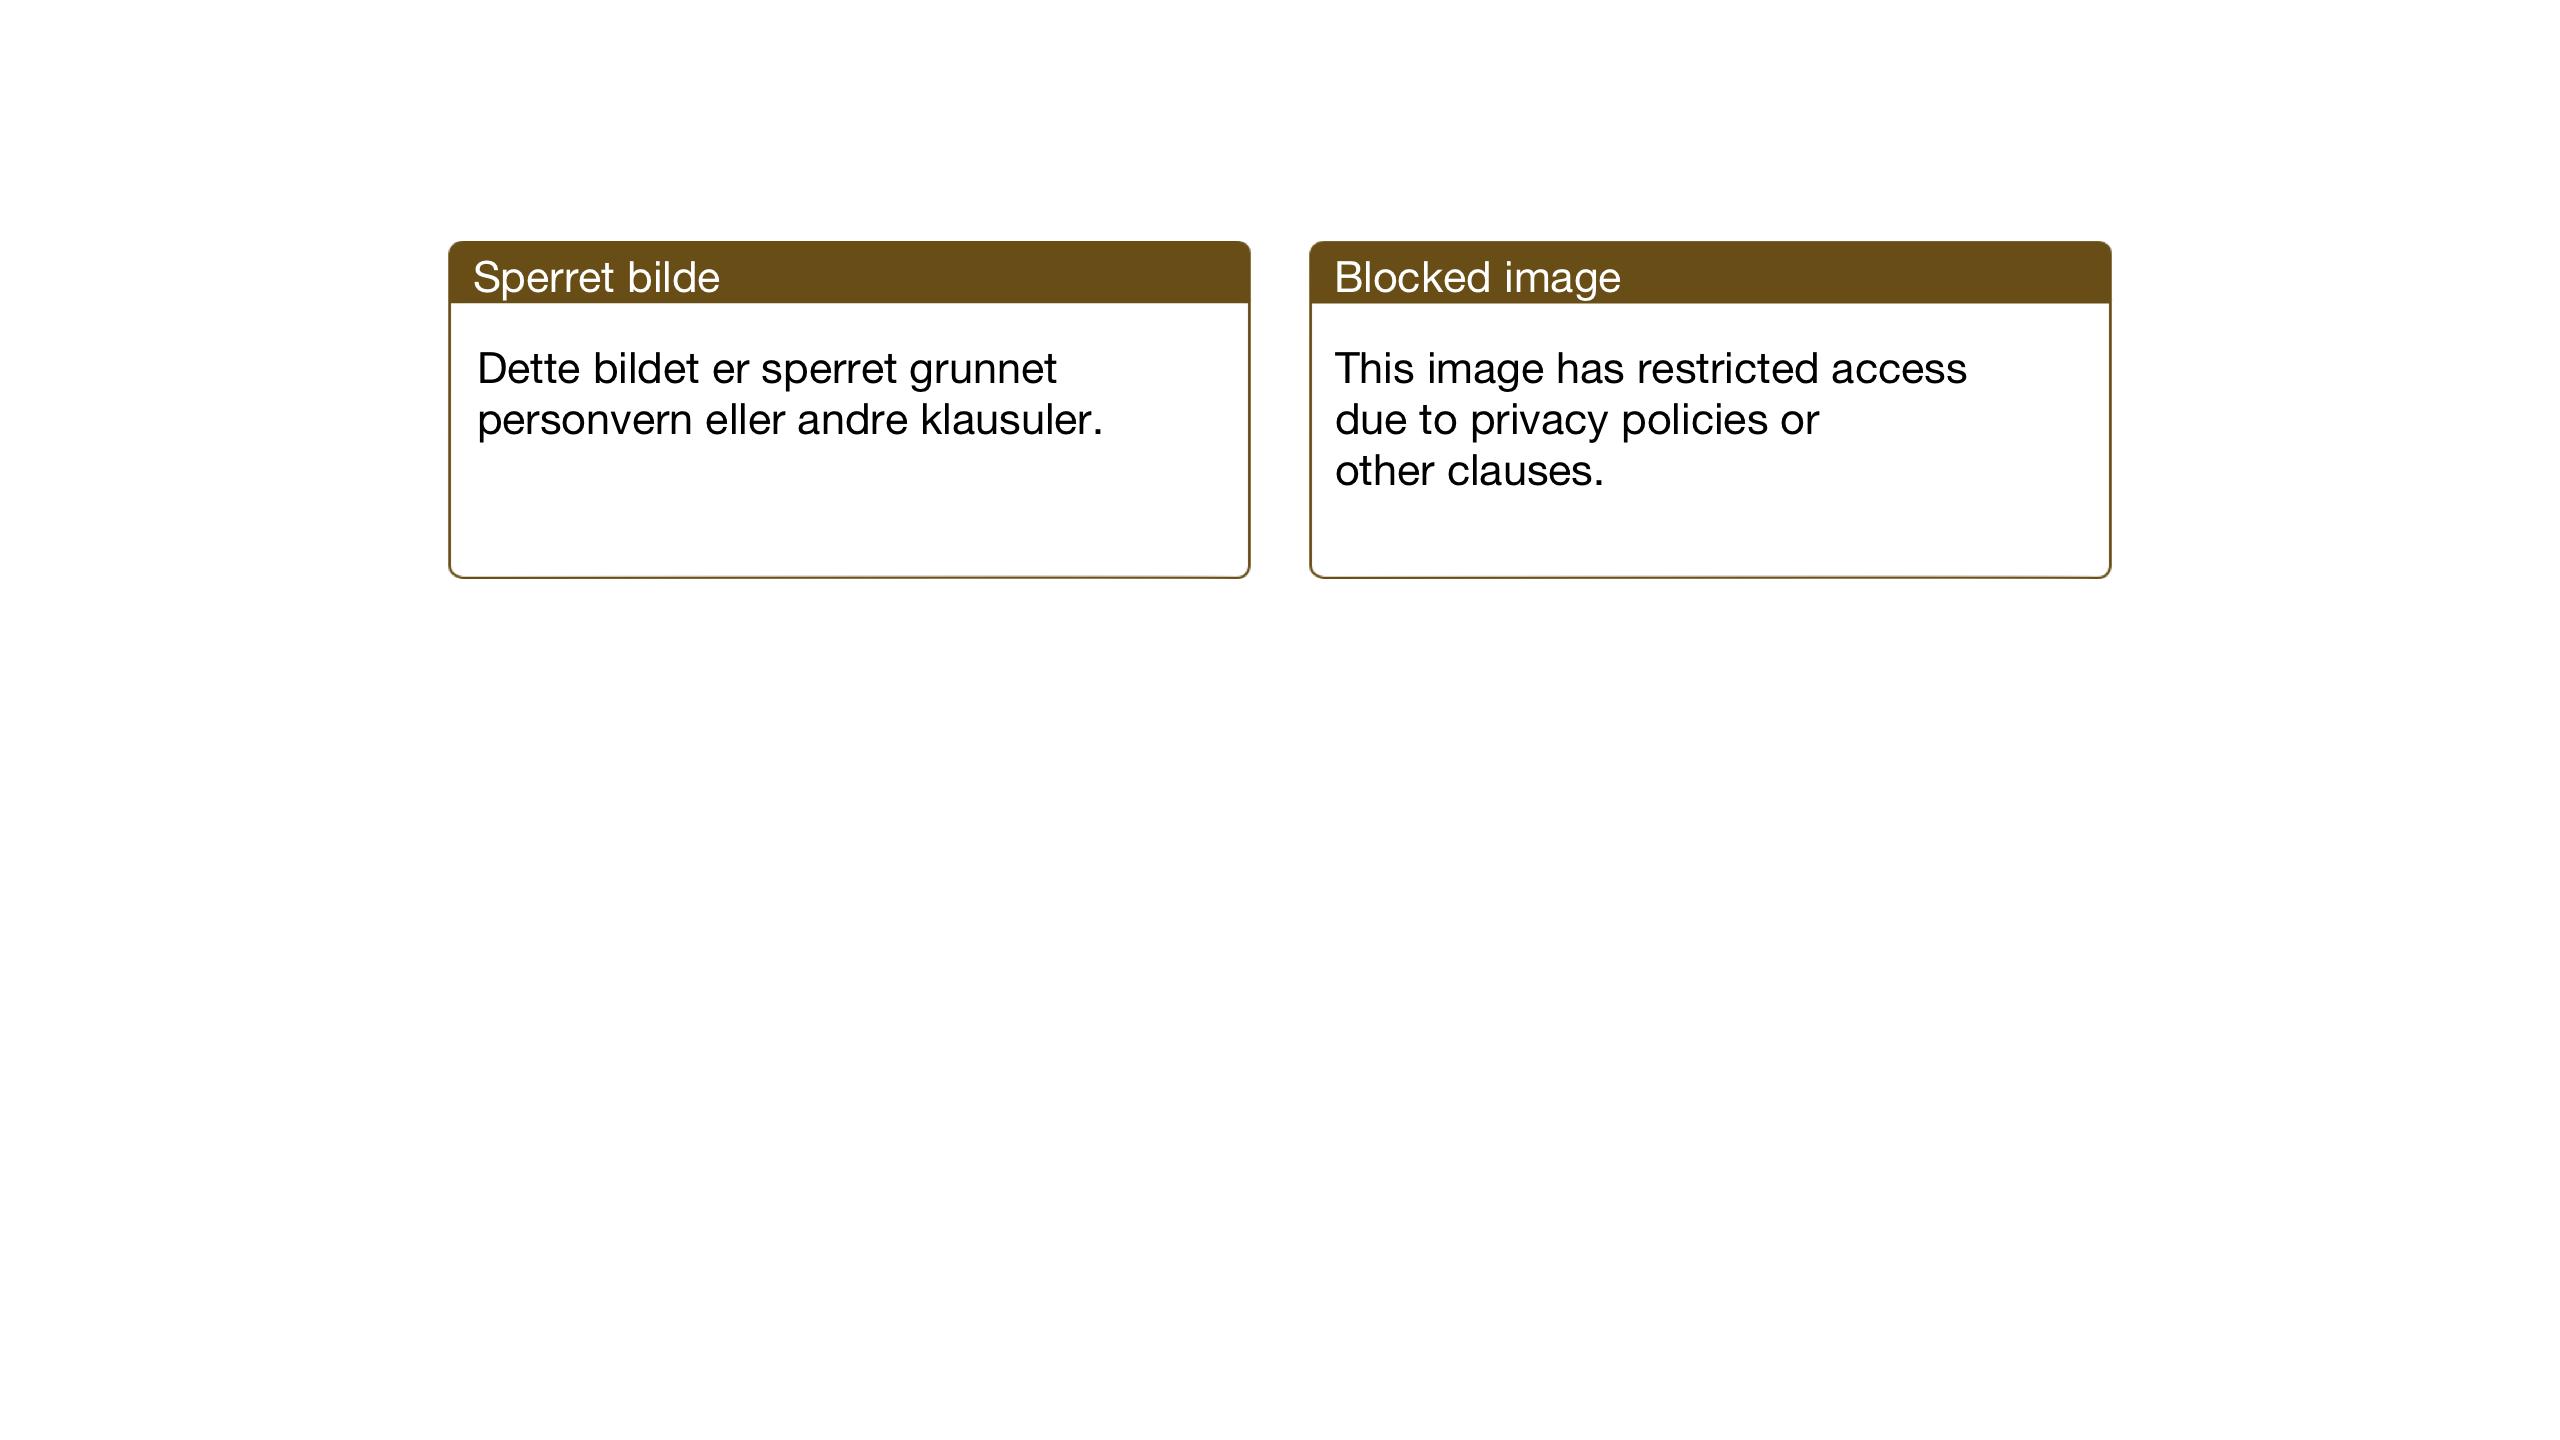 SAT, Ministerialprotokoller, klokkerbøker og fødselsregistre - Sør-Trøndelag, 617/L0433: Klokkerbok nr. 617C04, 1942-1947, s. 27